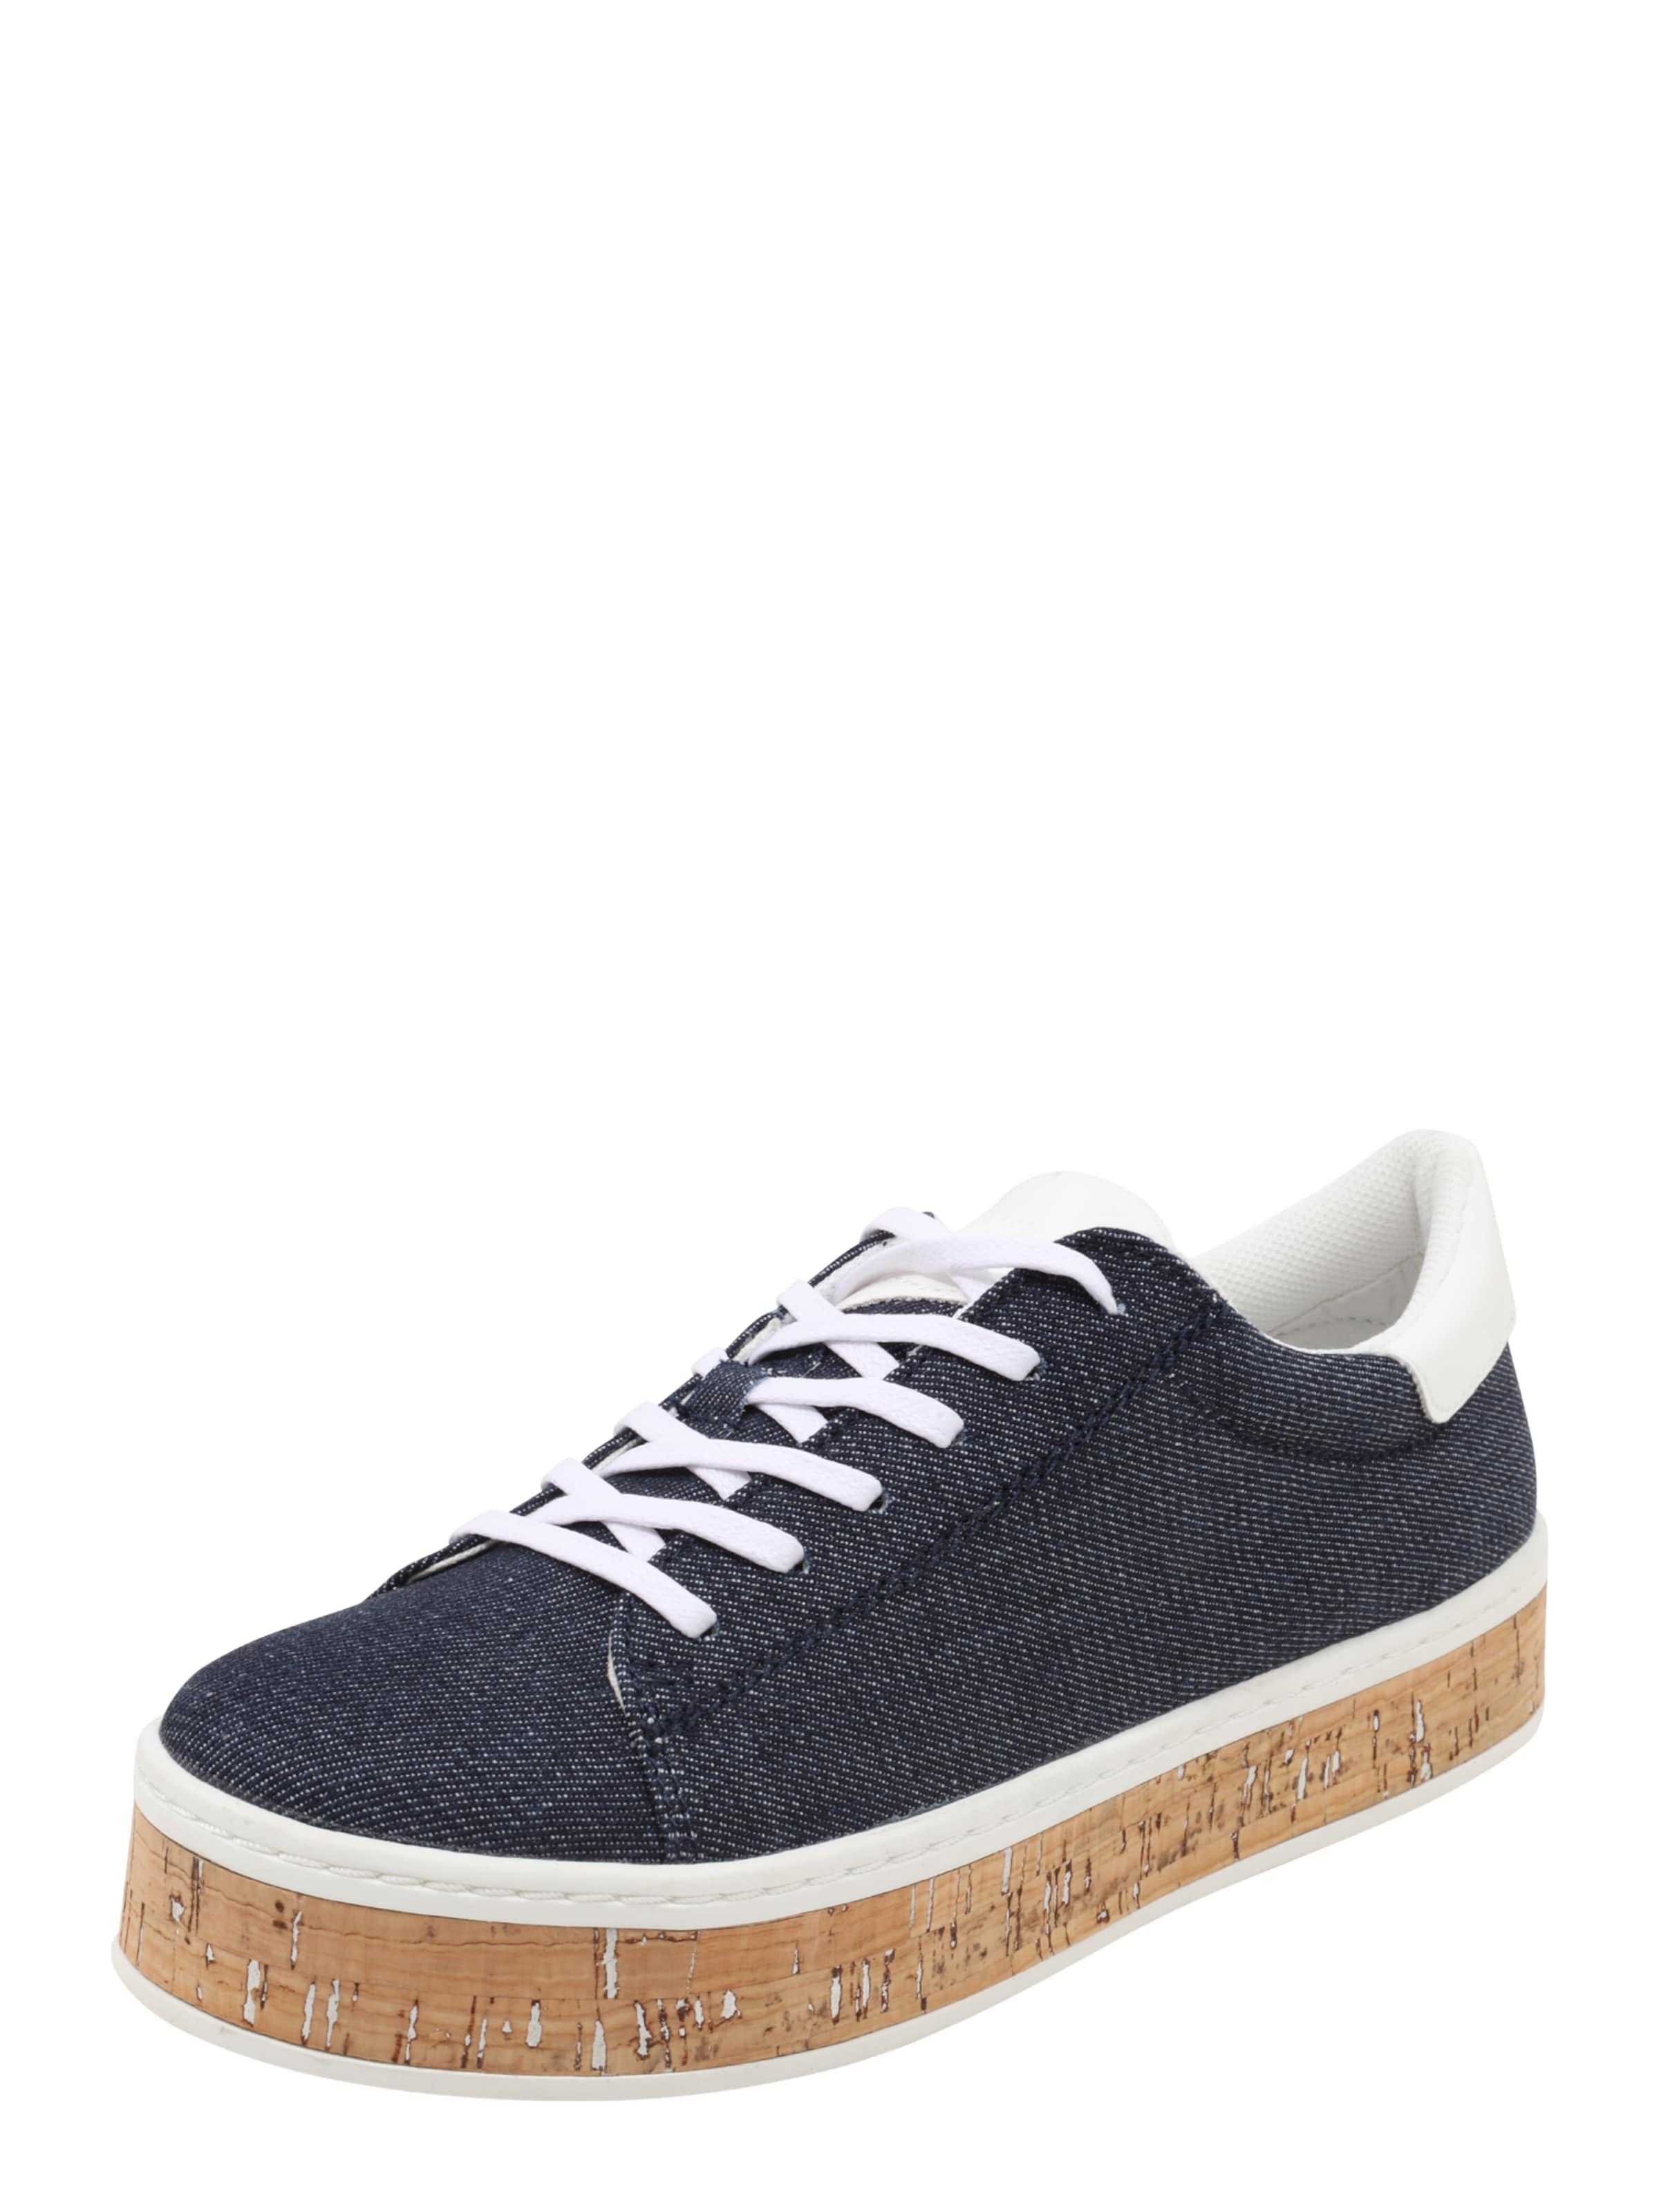 s.Oliver RED LABEL Plateau-Sneaker Billig Verkauf Versorgung 2RhX5W